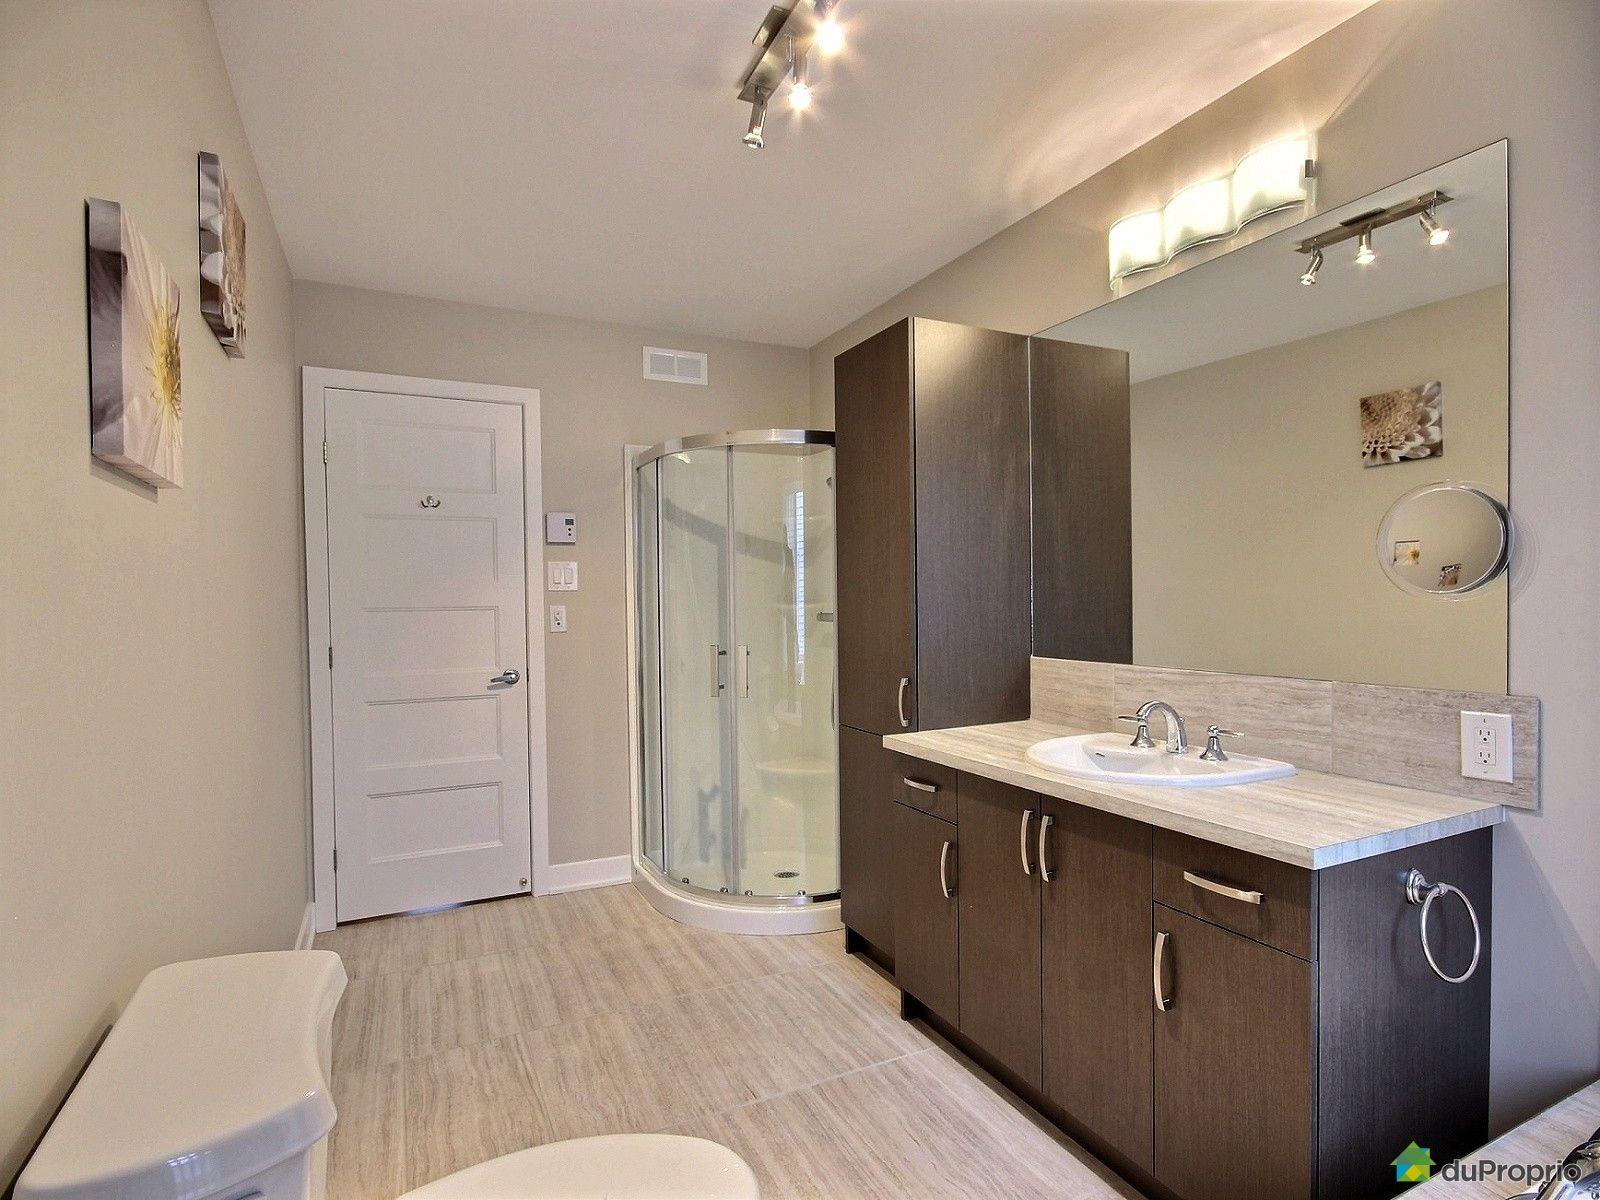 armoire salle de bain st jean sur richelieu ForSalle De Bain St Jean